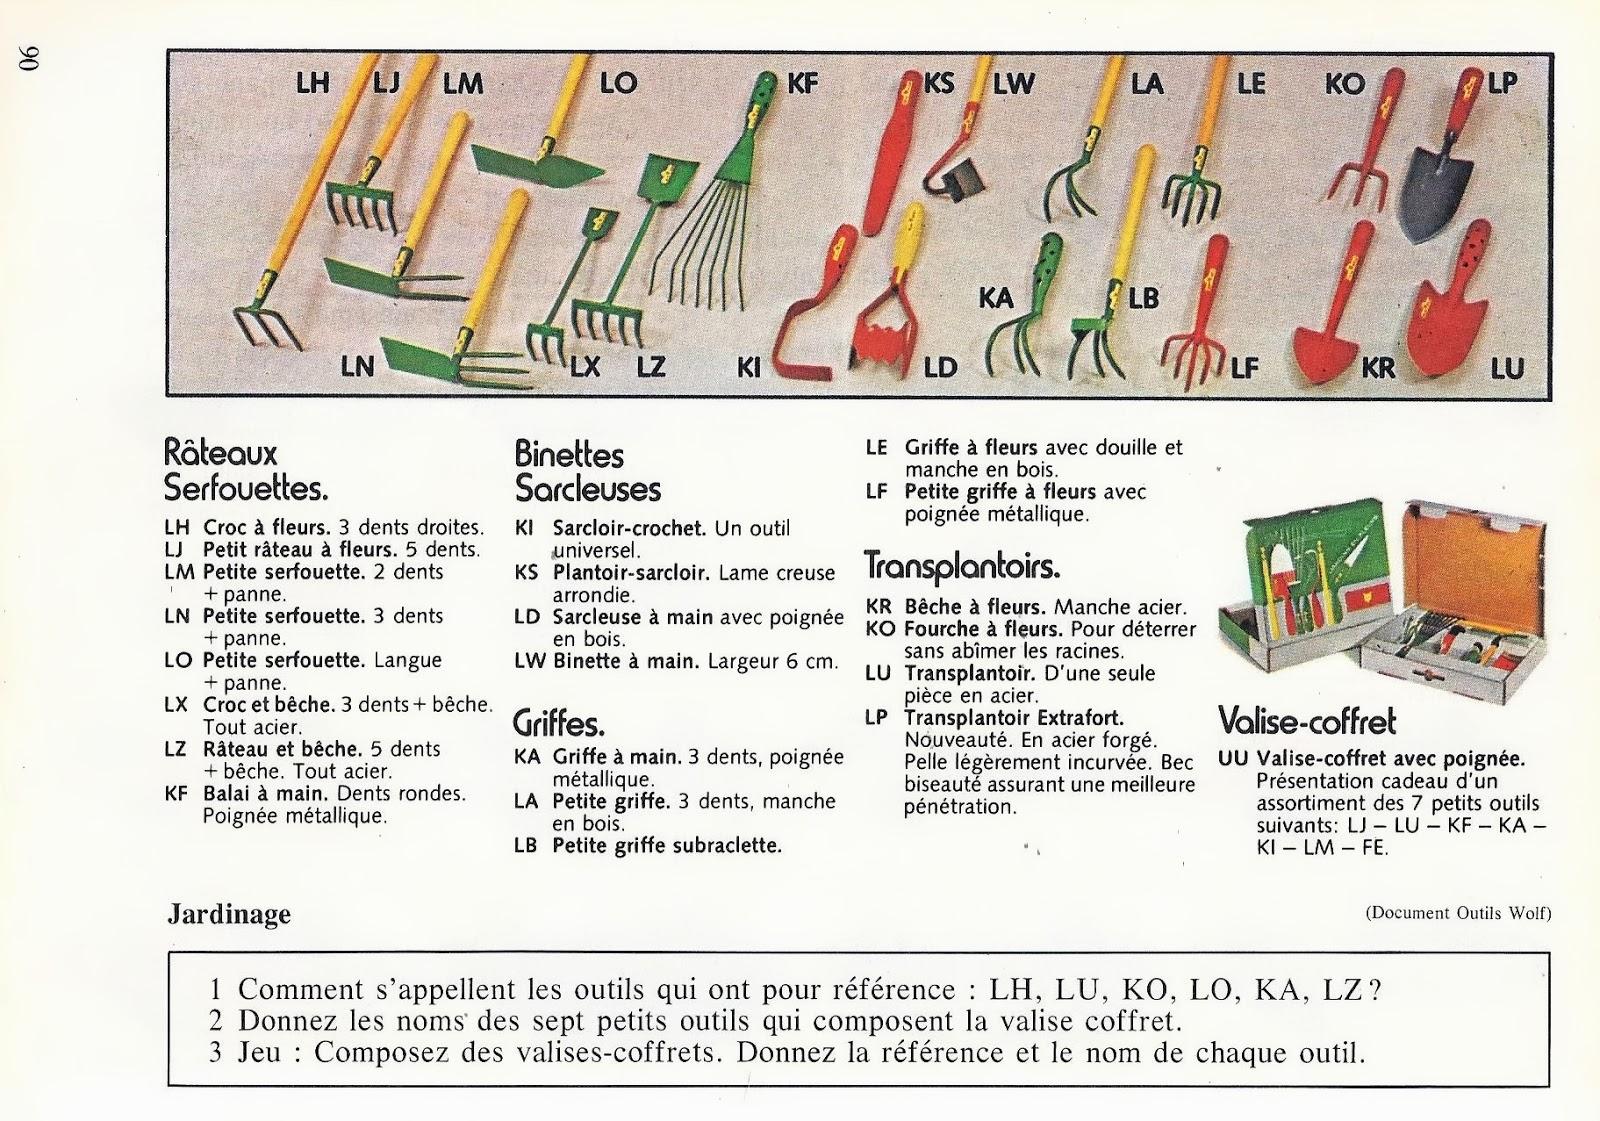 manuels anciens obadia les chemins de l 39 information une autre lecture. Black Bedroom Furniture Sets. Home Design Ideas